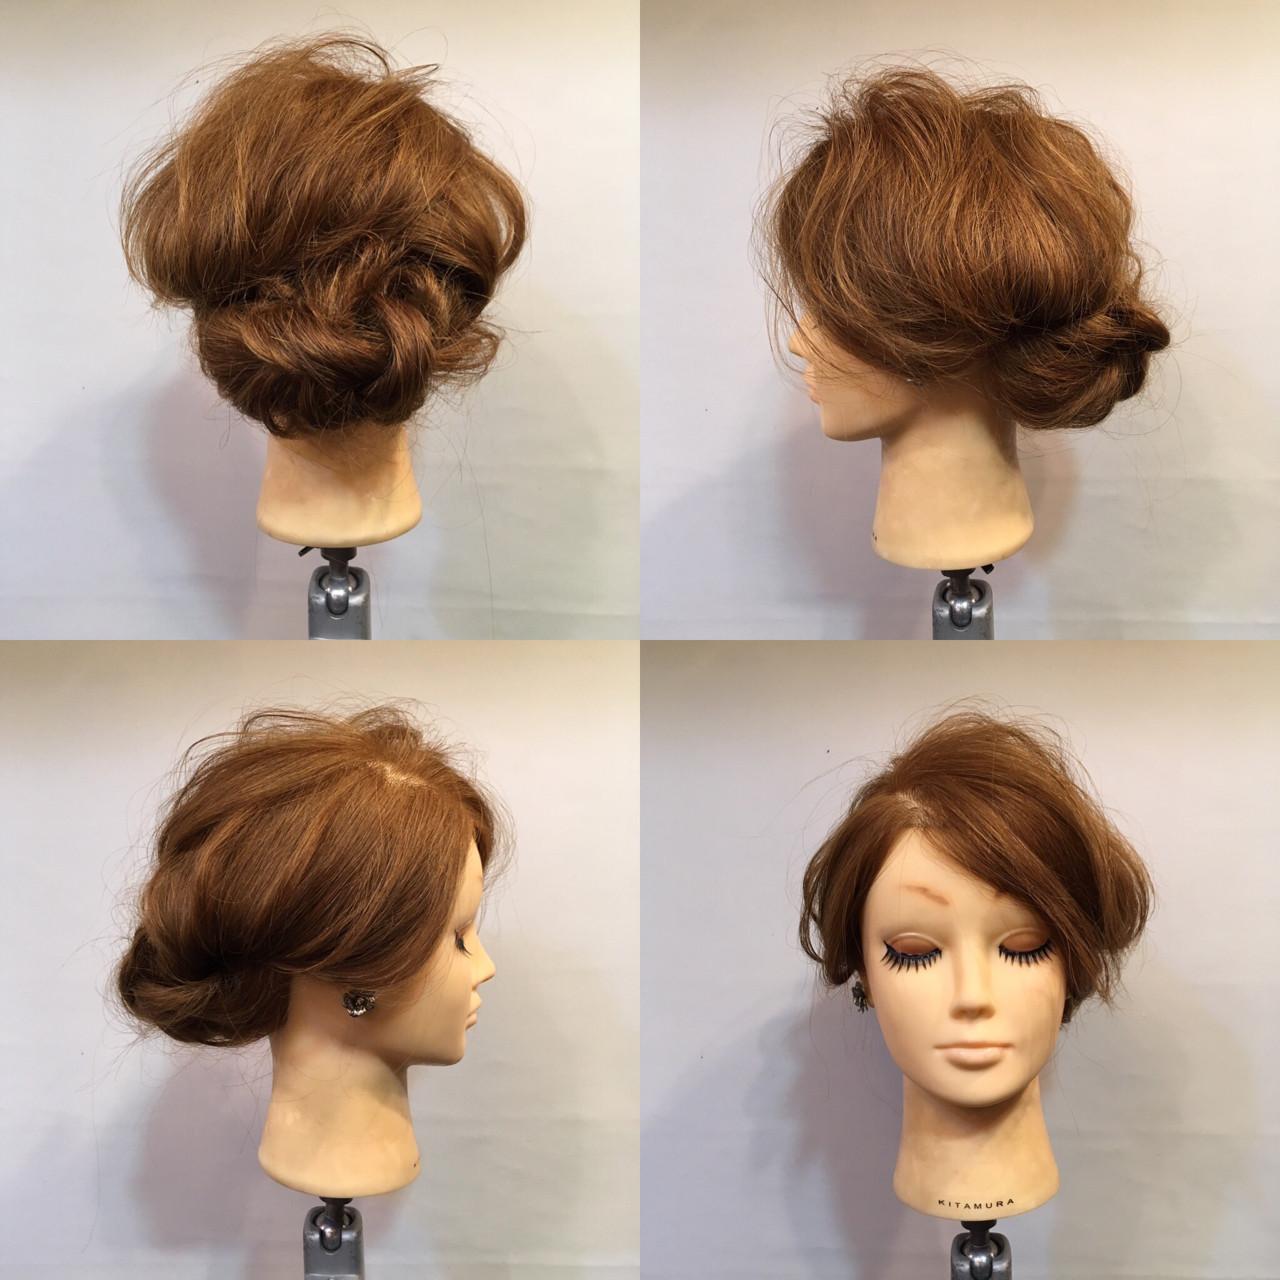 パーティ 大人かわいい 結婚式 波ウェーブ ヘアスタイルや髪型の写真・画像